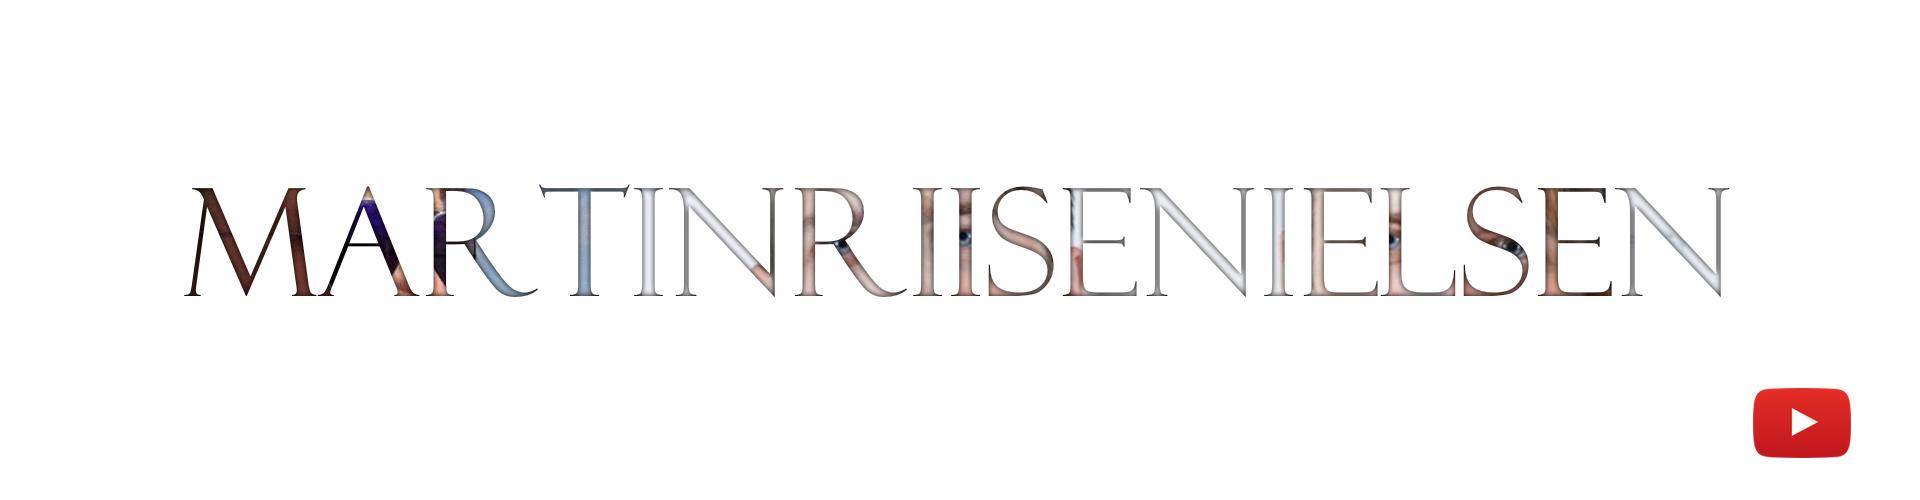 MartinRiiseNielsen banner